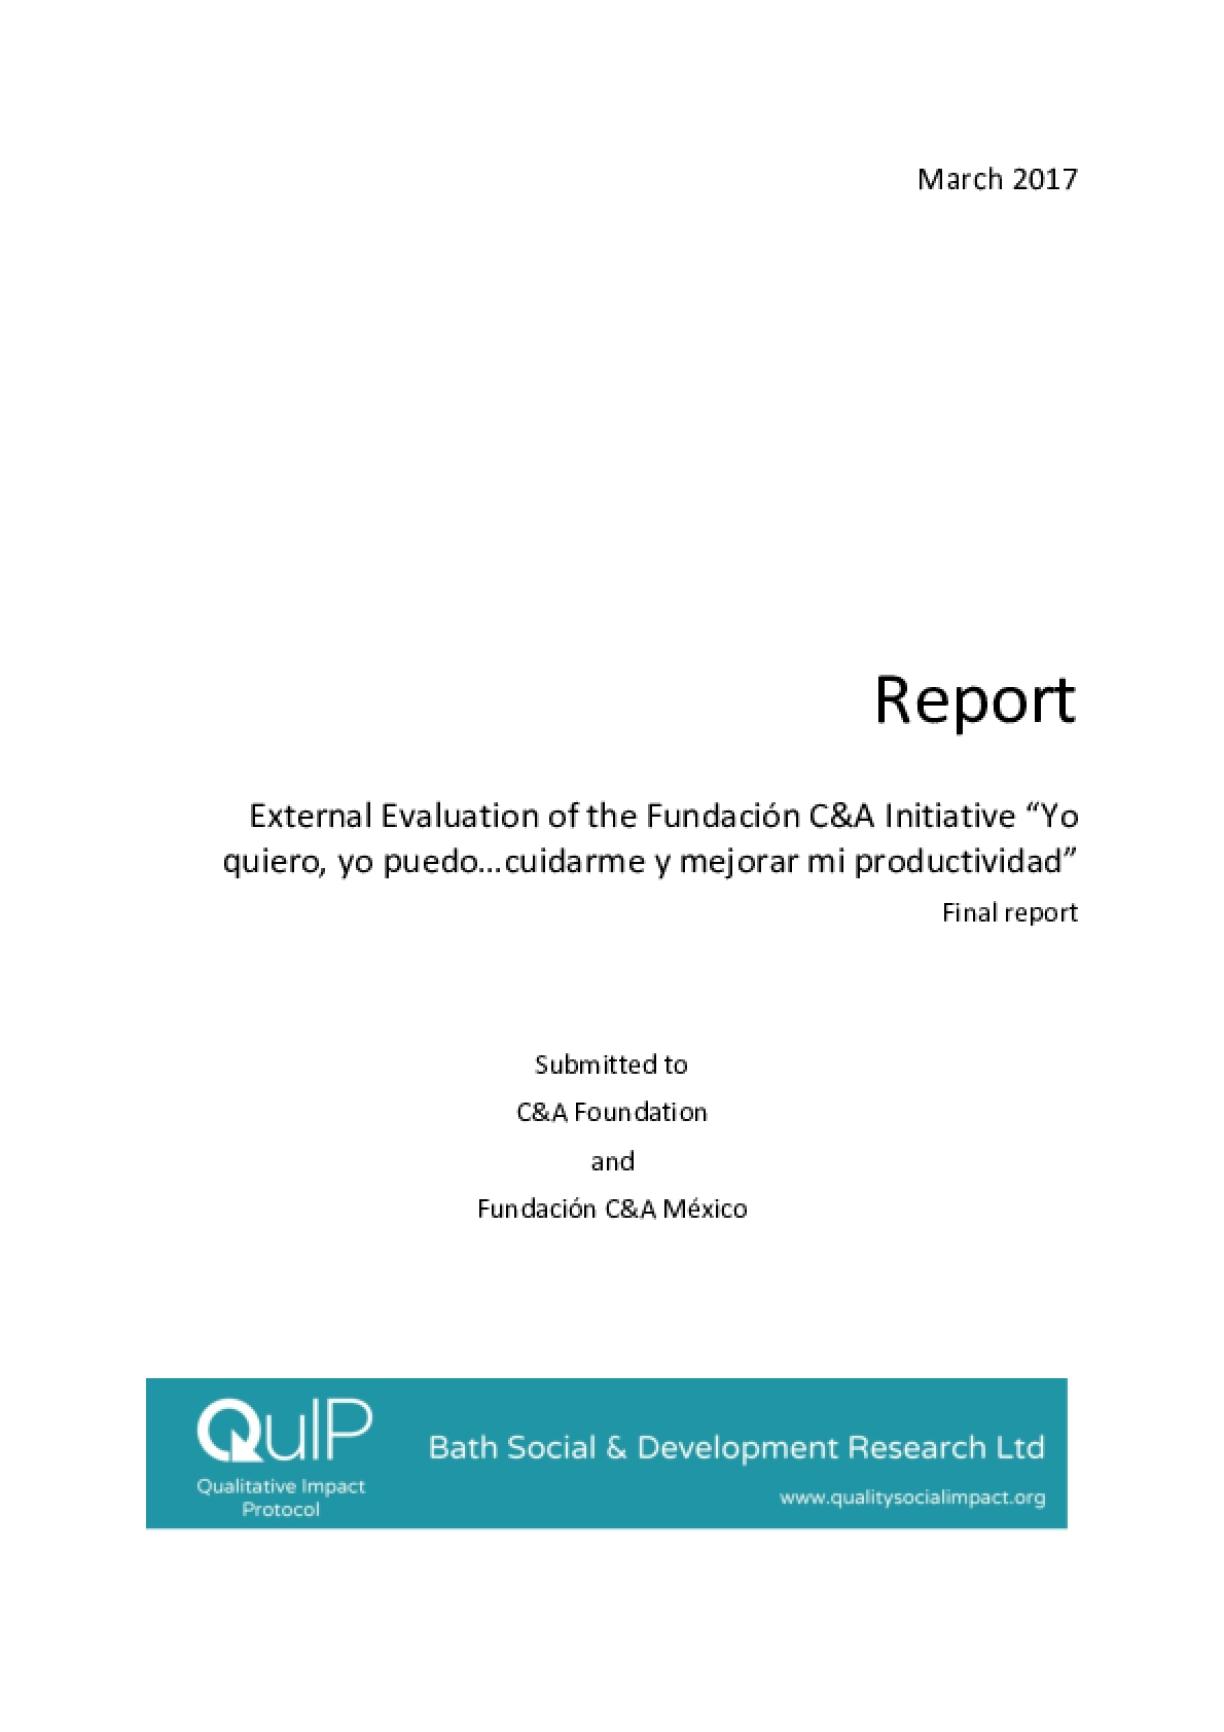 """External Evaluation of the Fundación C&A Initiative """"Yo quiero, yo puedo…cuidarme y mejorar mi productividad"""""""